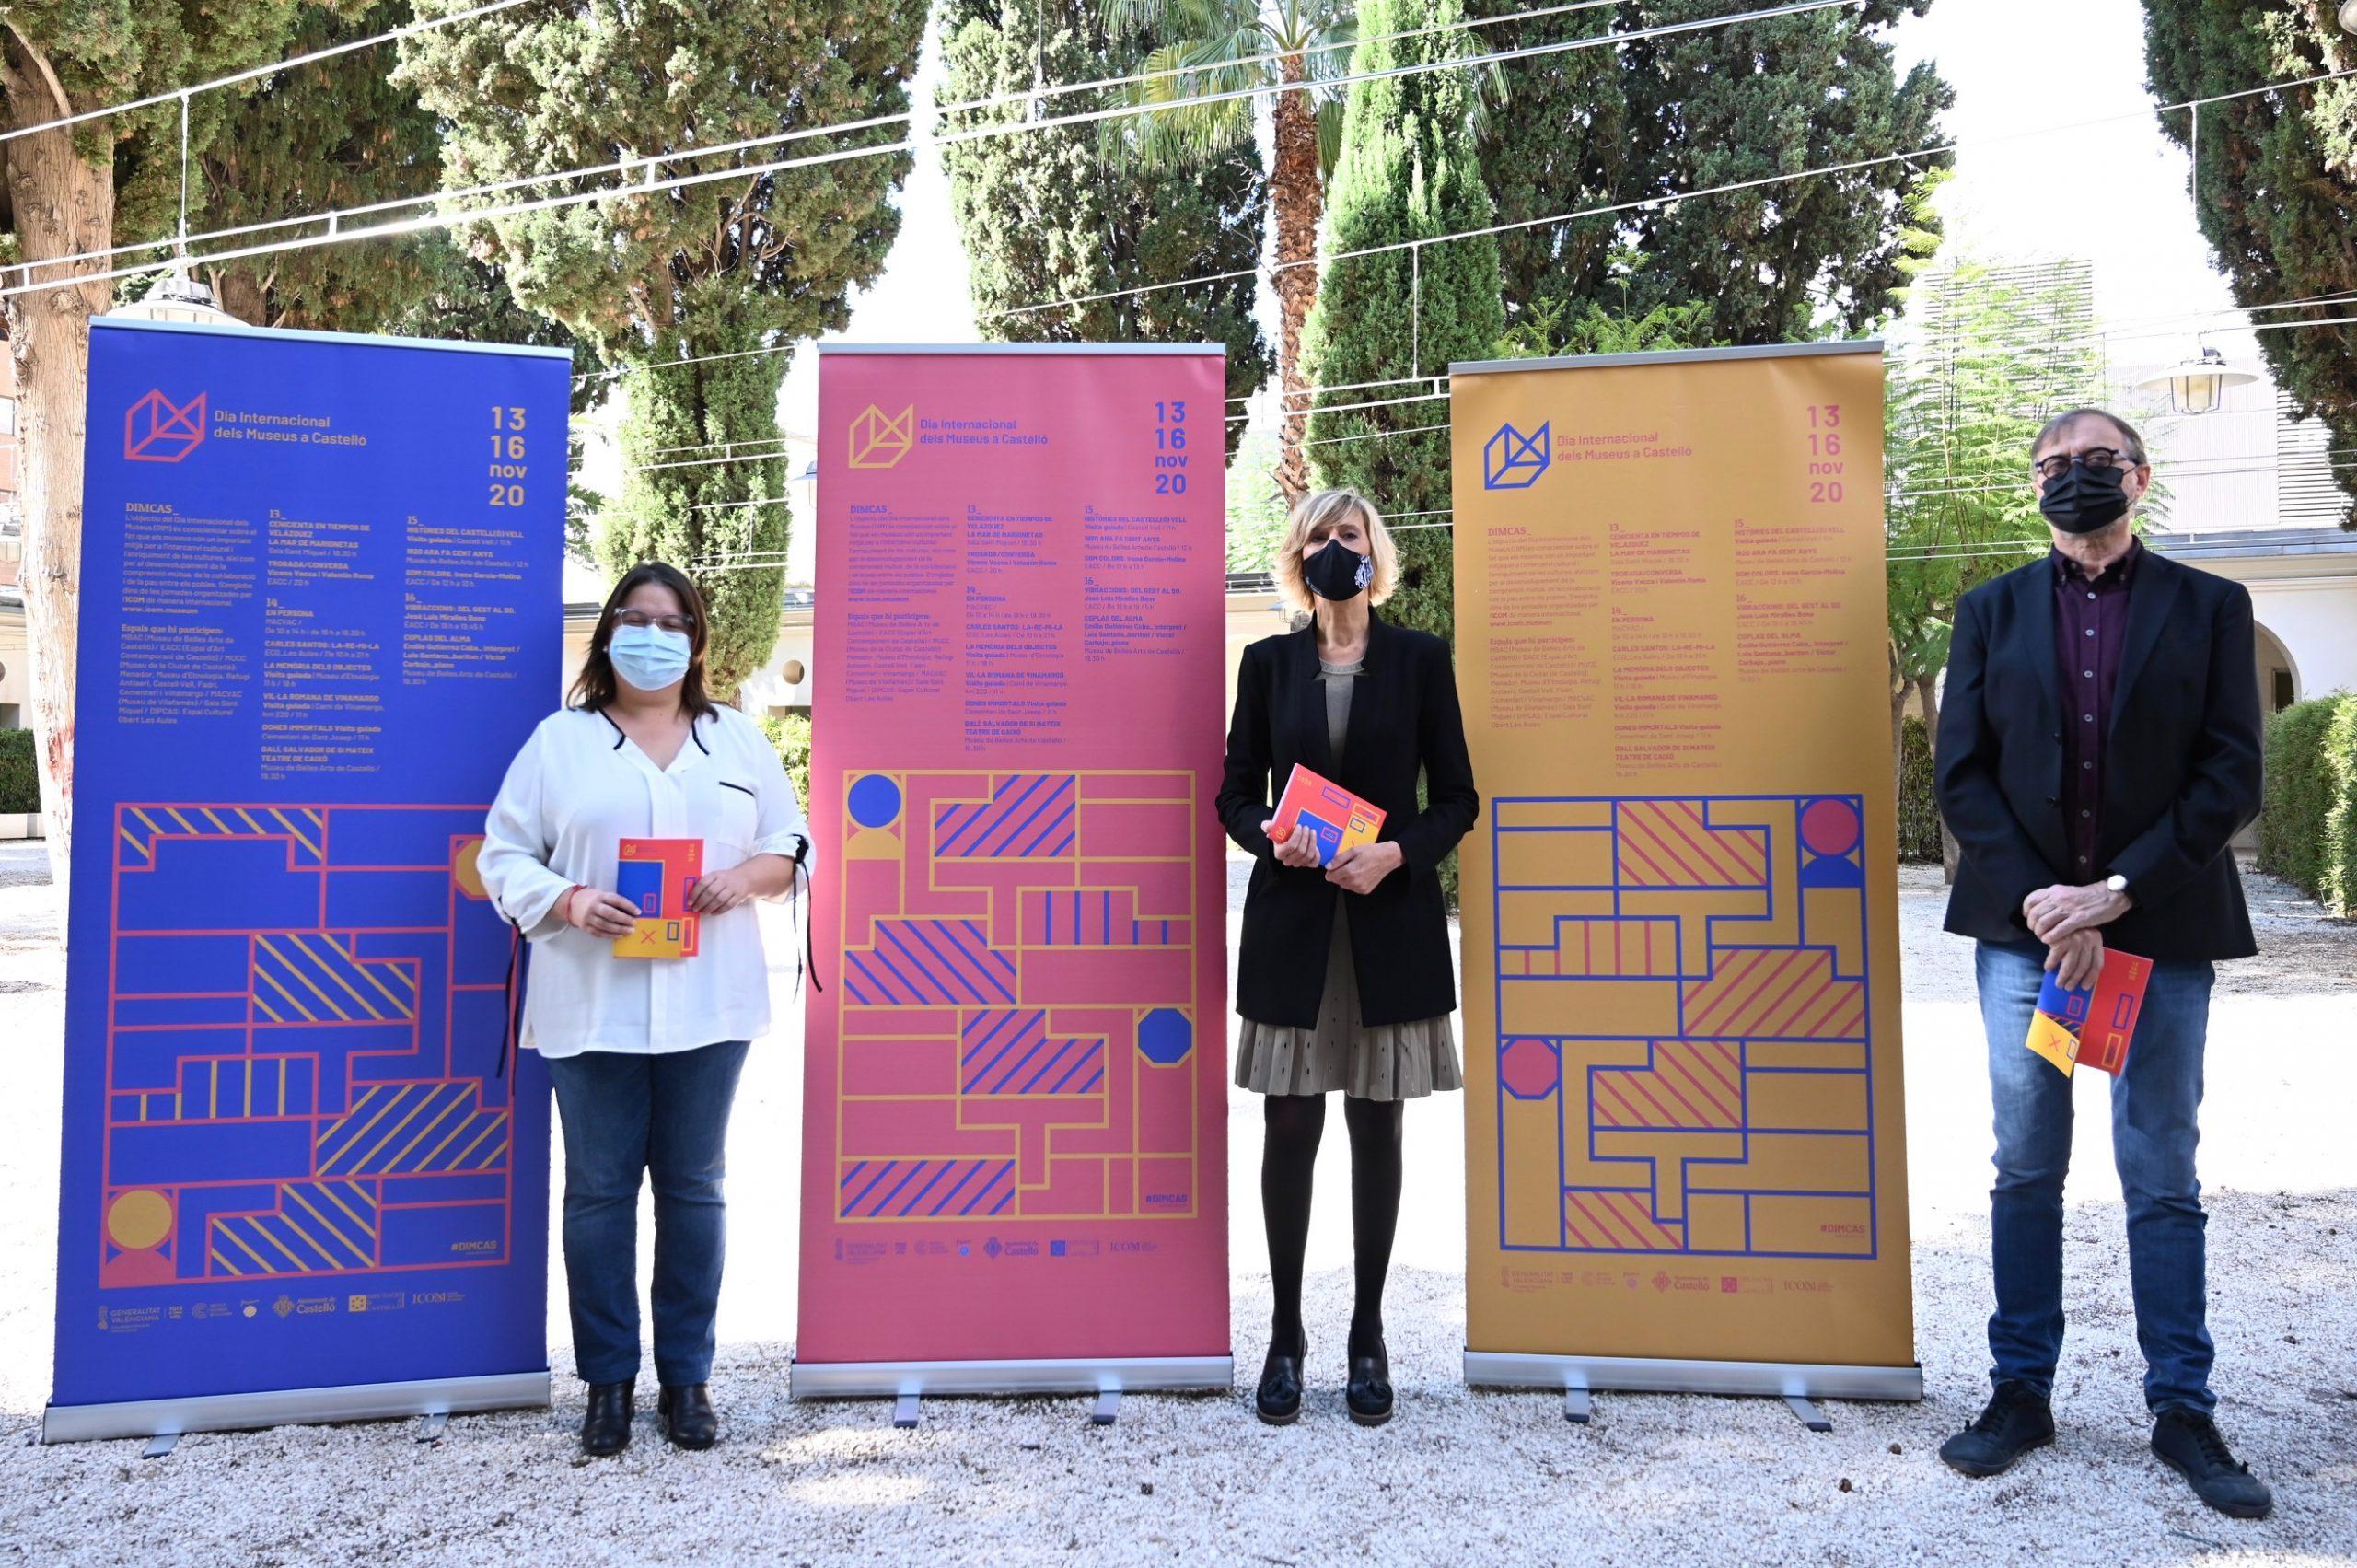 La Diputación se alía con el Ayuntamiento de Castelló y la Generalitat y lanza este noviembre el Día de los Museos